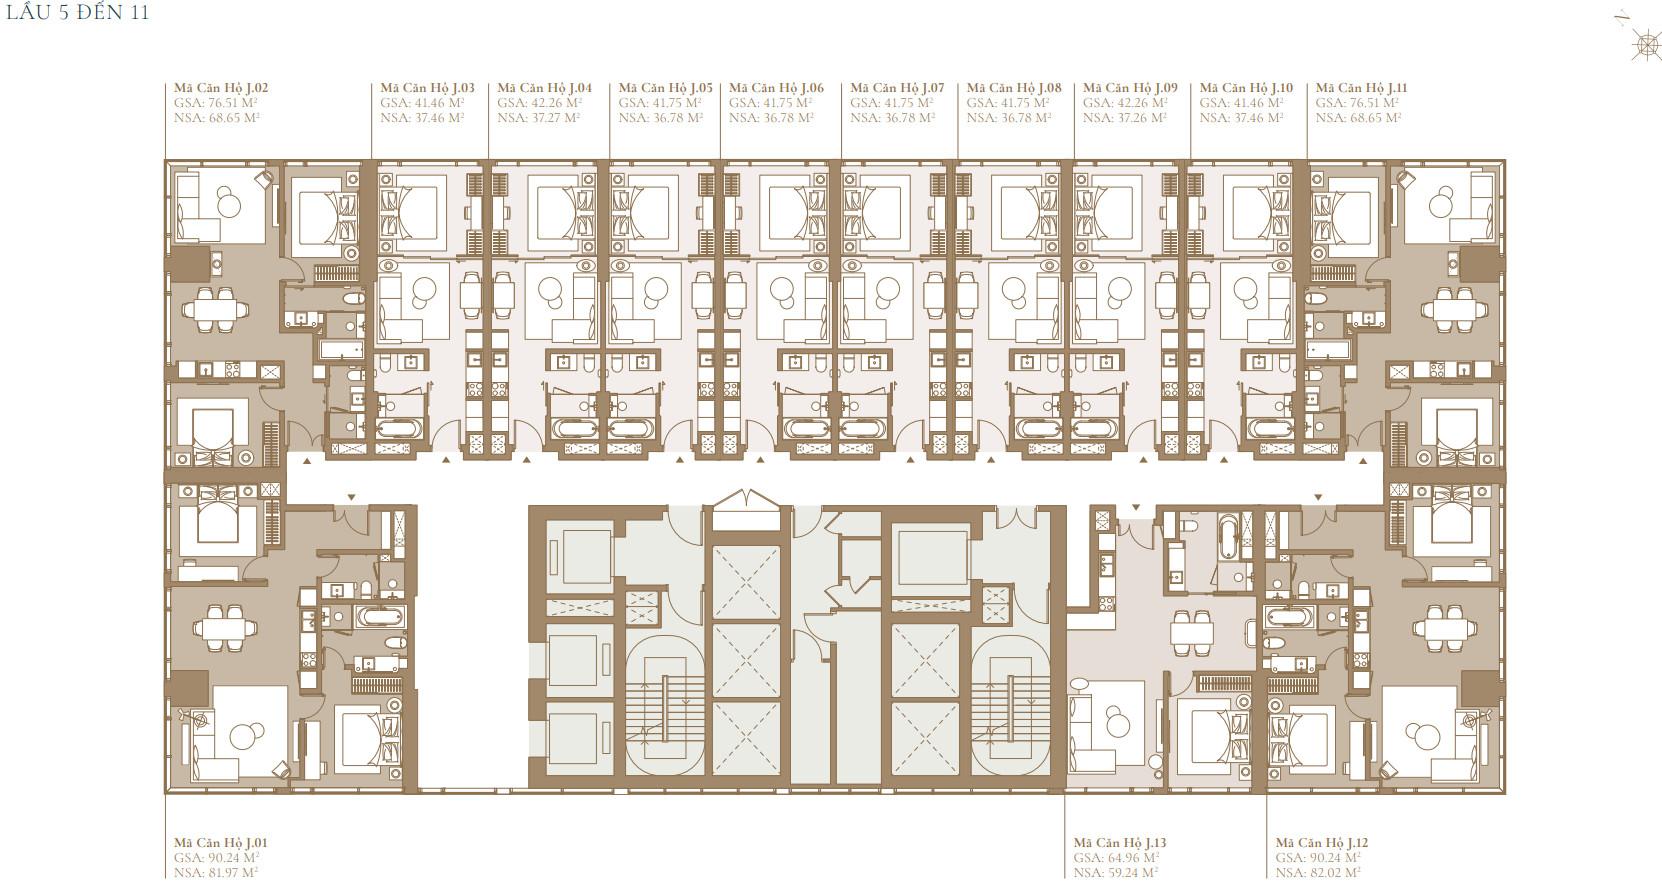 Măt bằng thiết kế tòa LAGACY COVE dự án Grand Marina Sài Gòn Quận 1